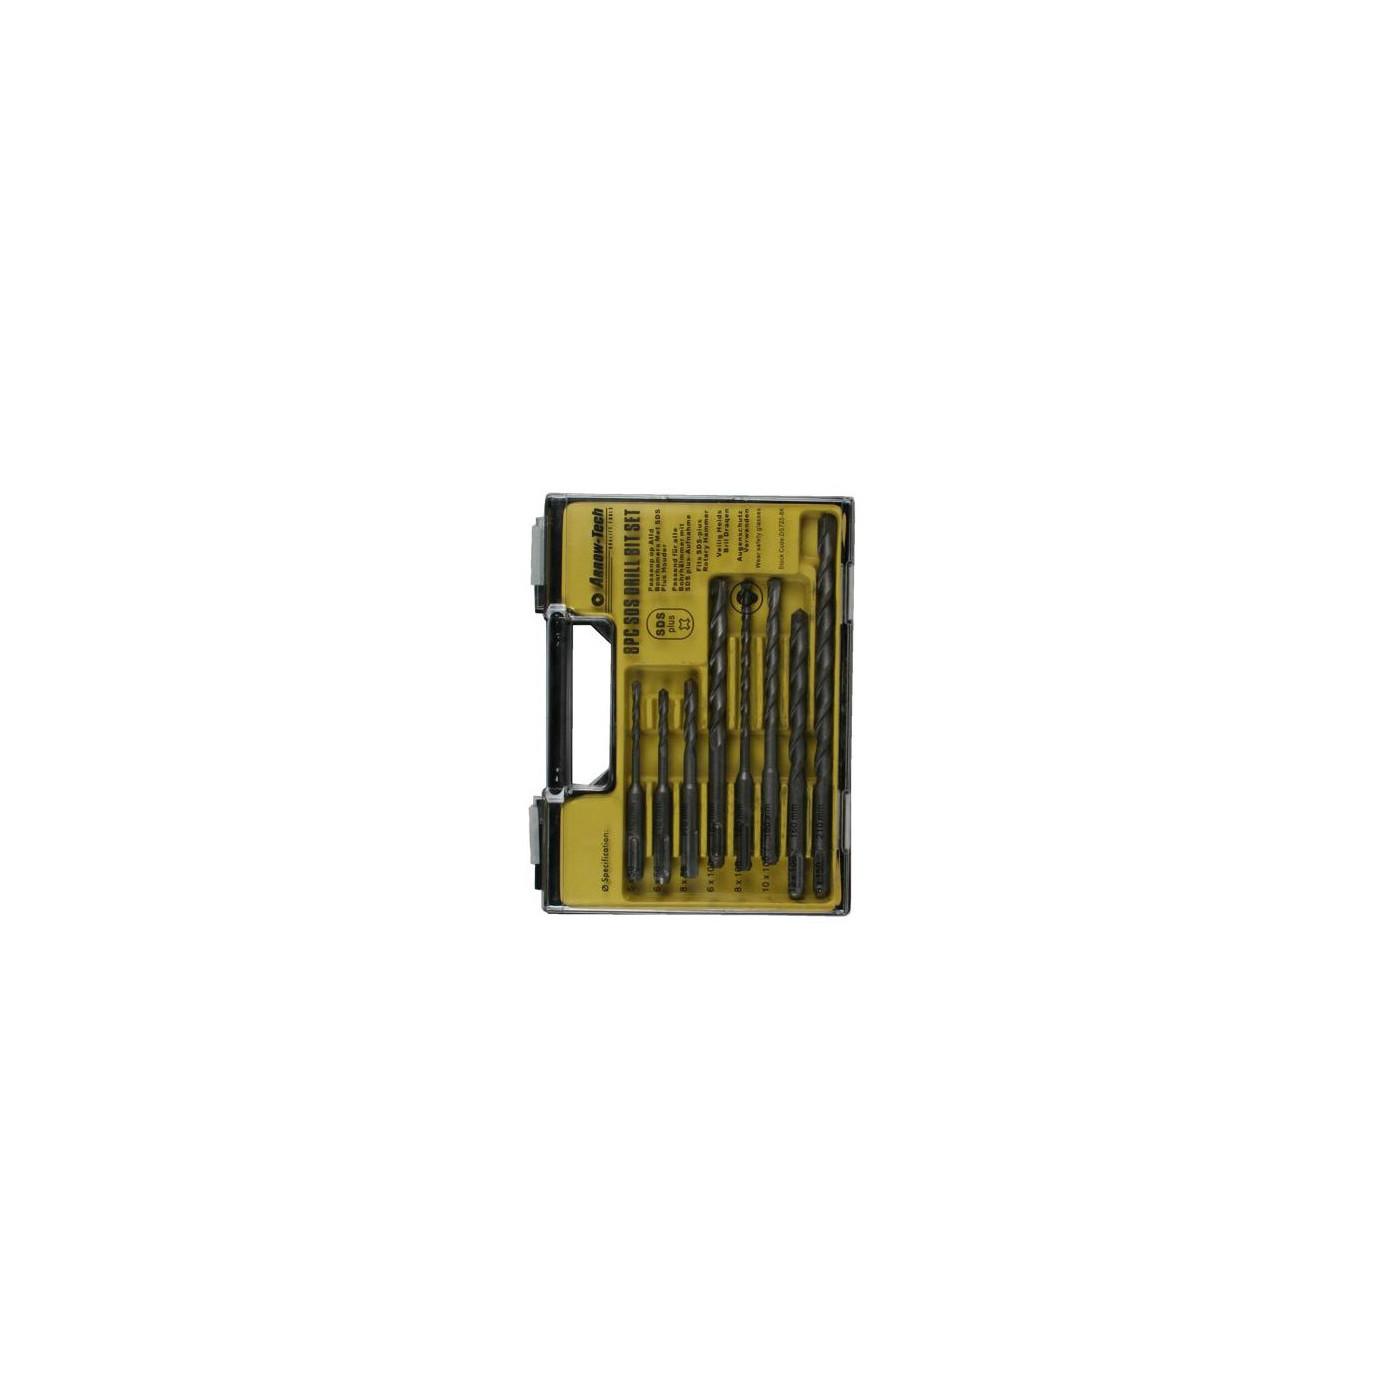 SDS-PLUS a mis des forets à béton (8 pcs) dans une boîte